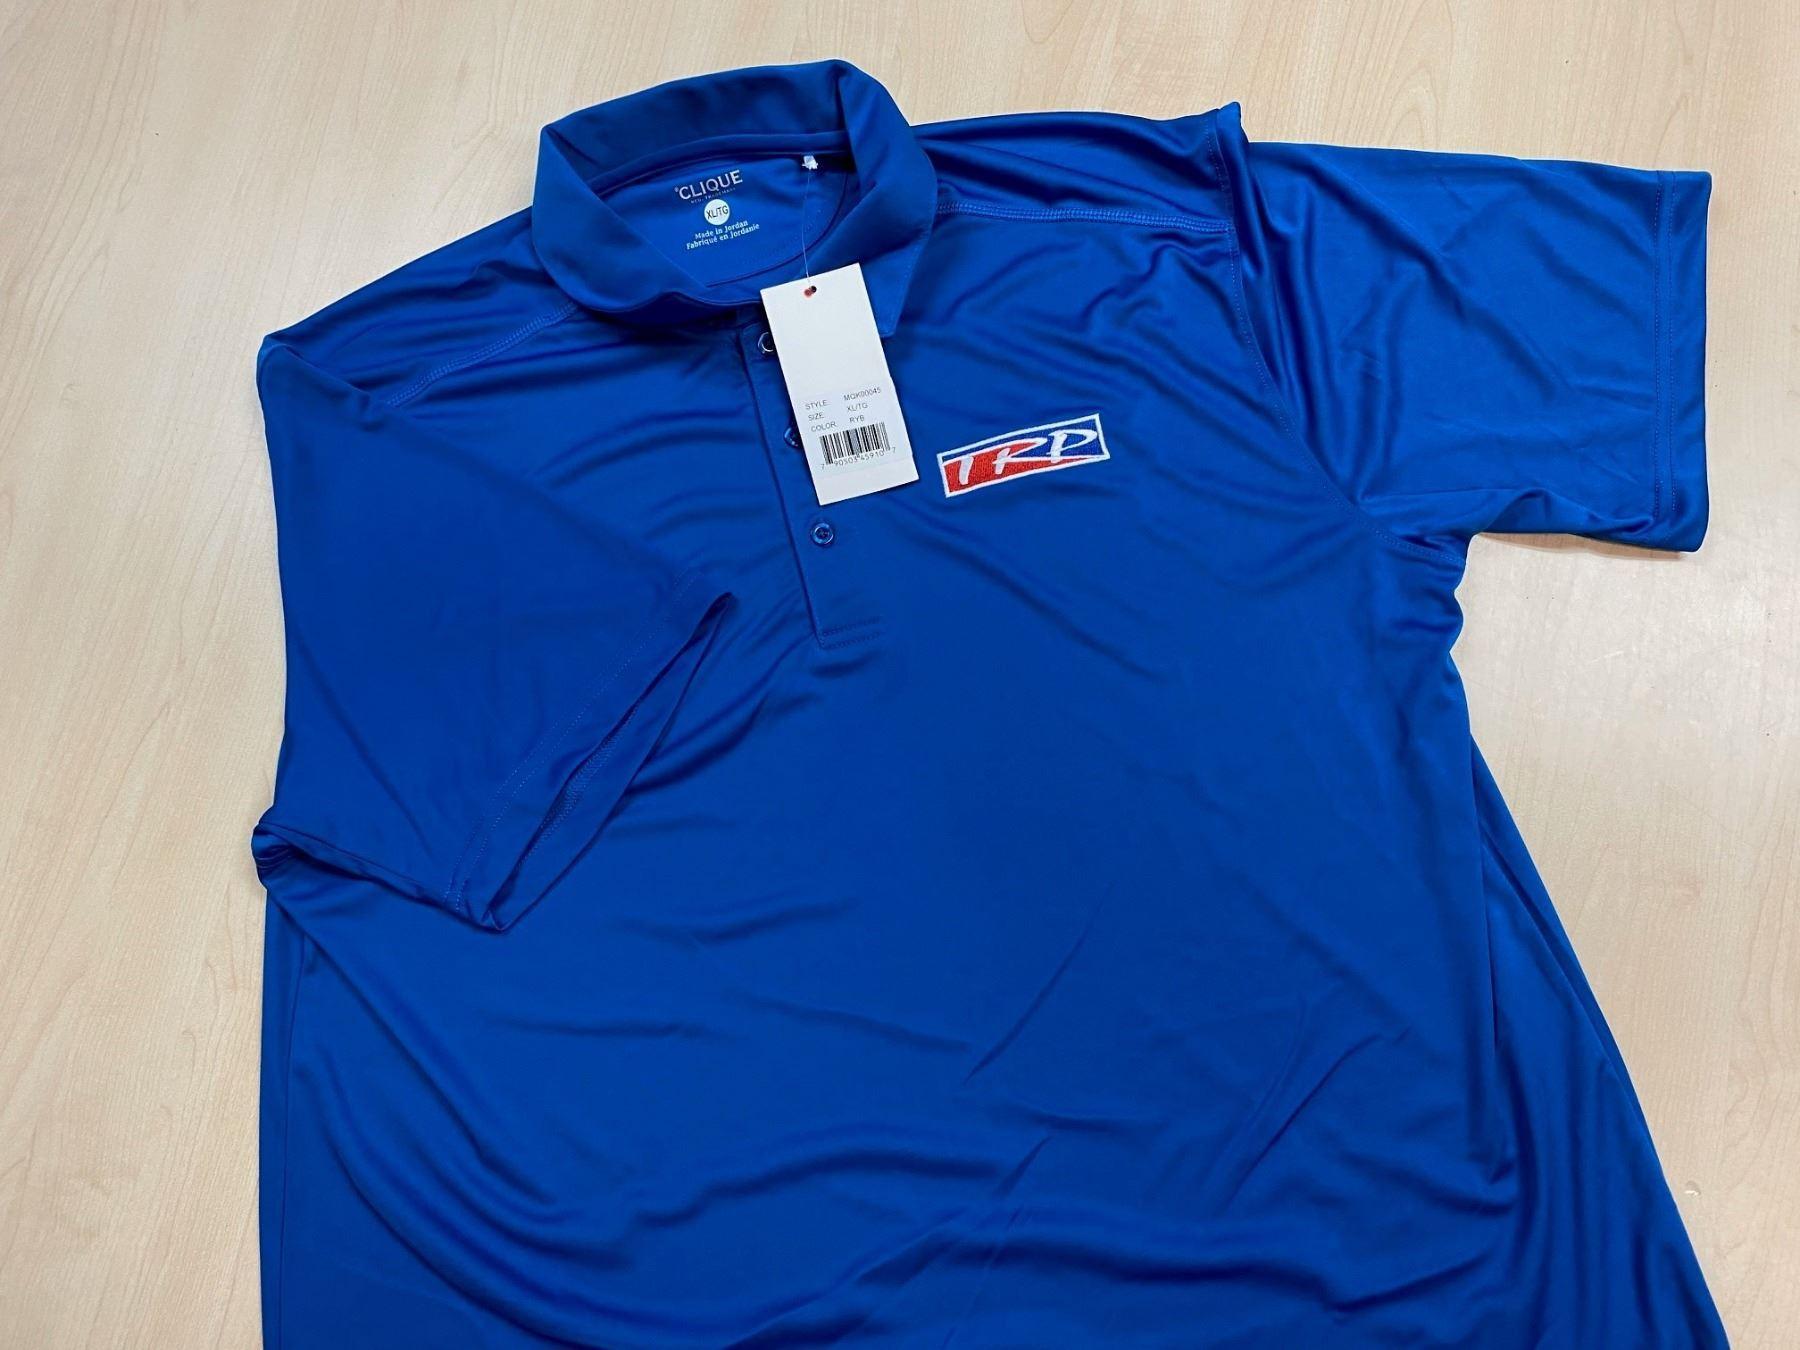 Men's Blue Clique Polo Short